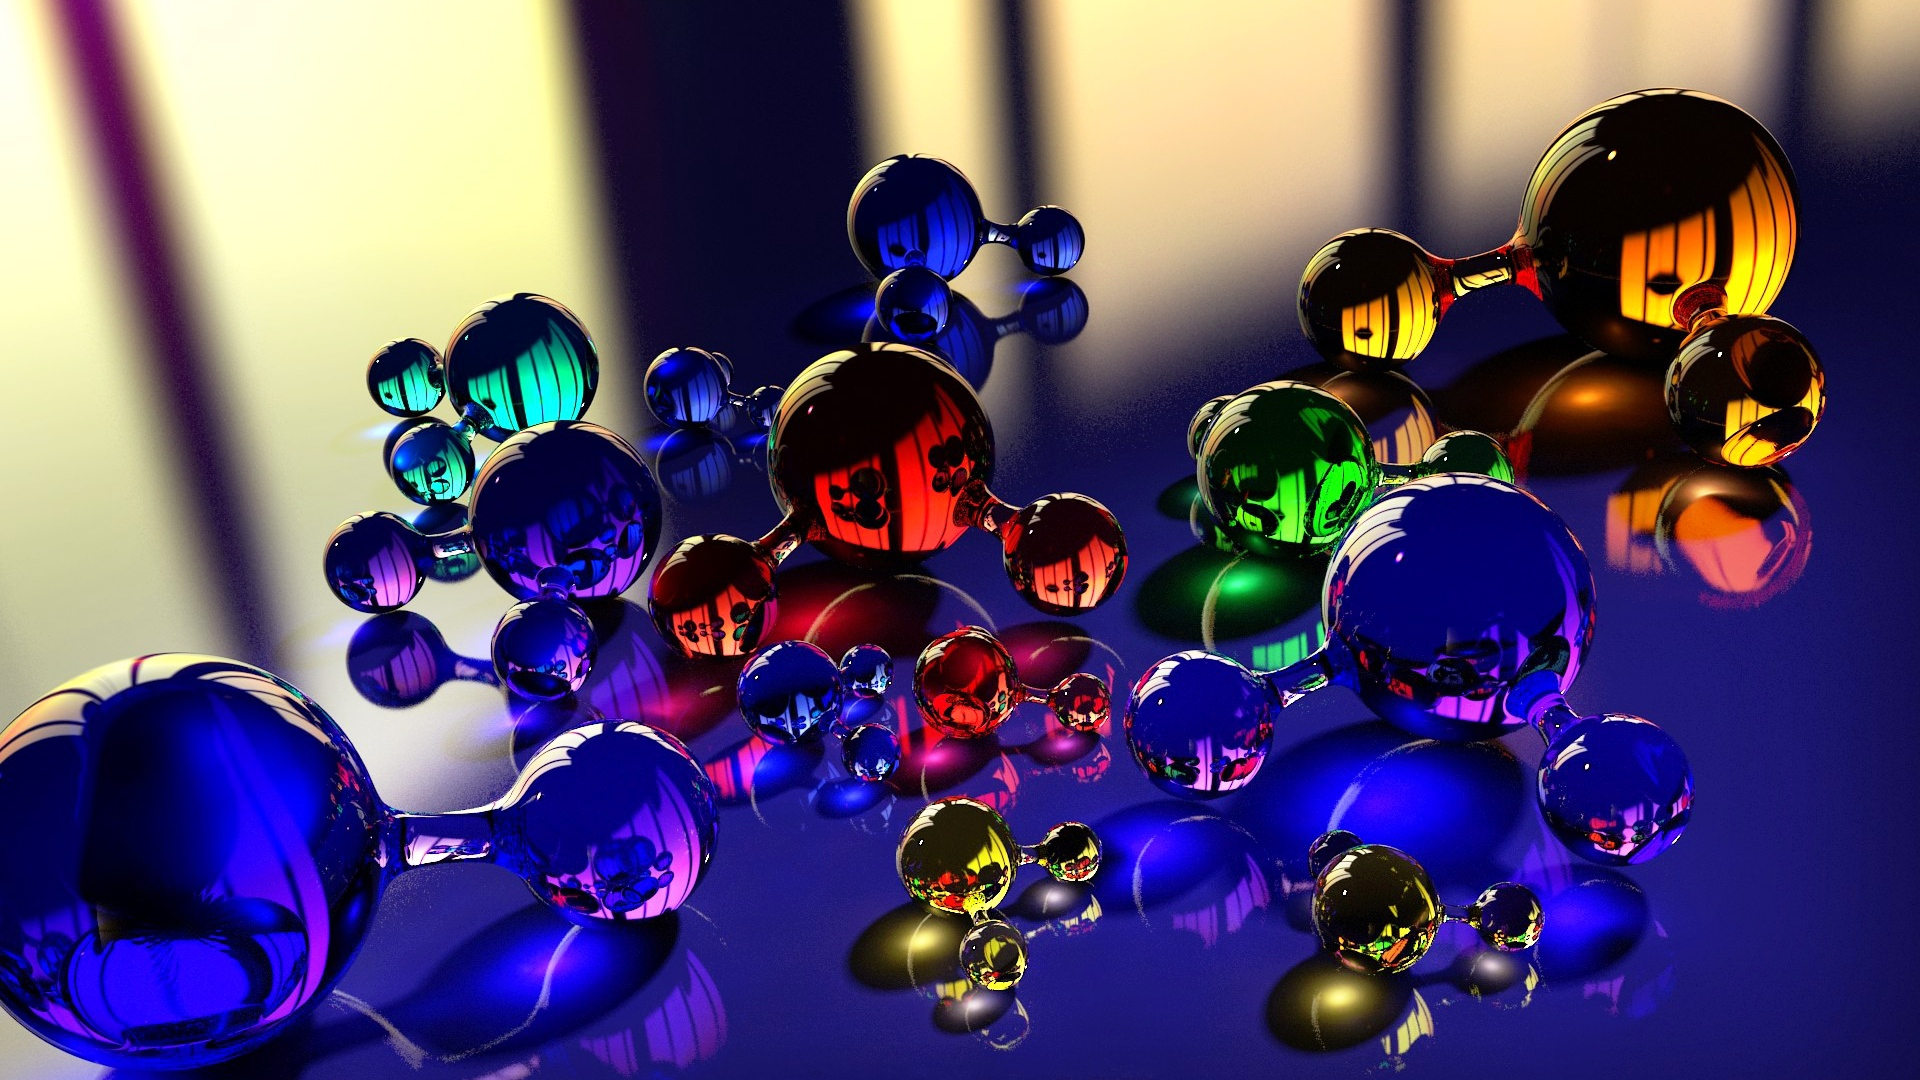 download wallpaper 1920x1080 balls, molecule, massager, glass